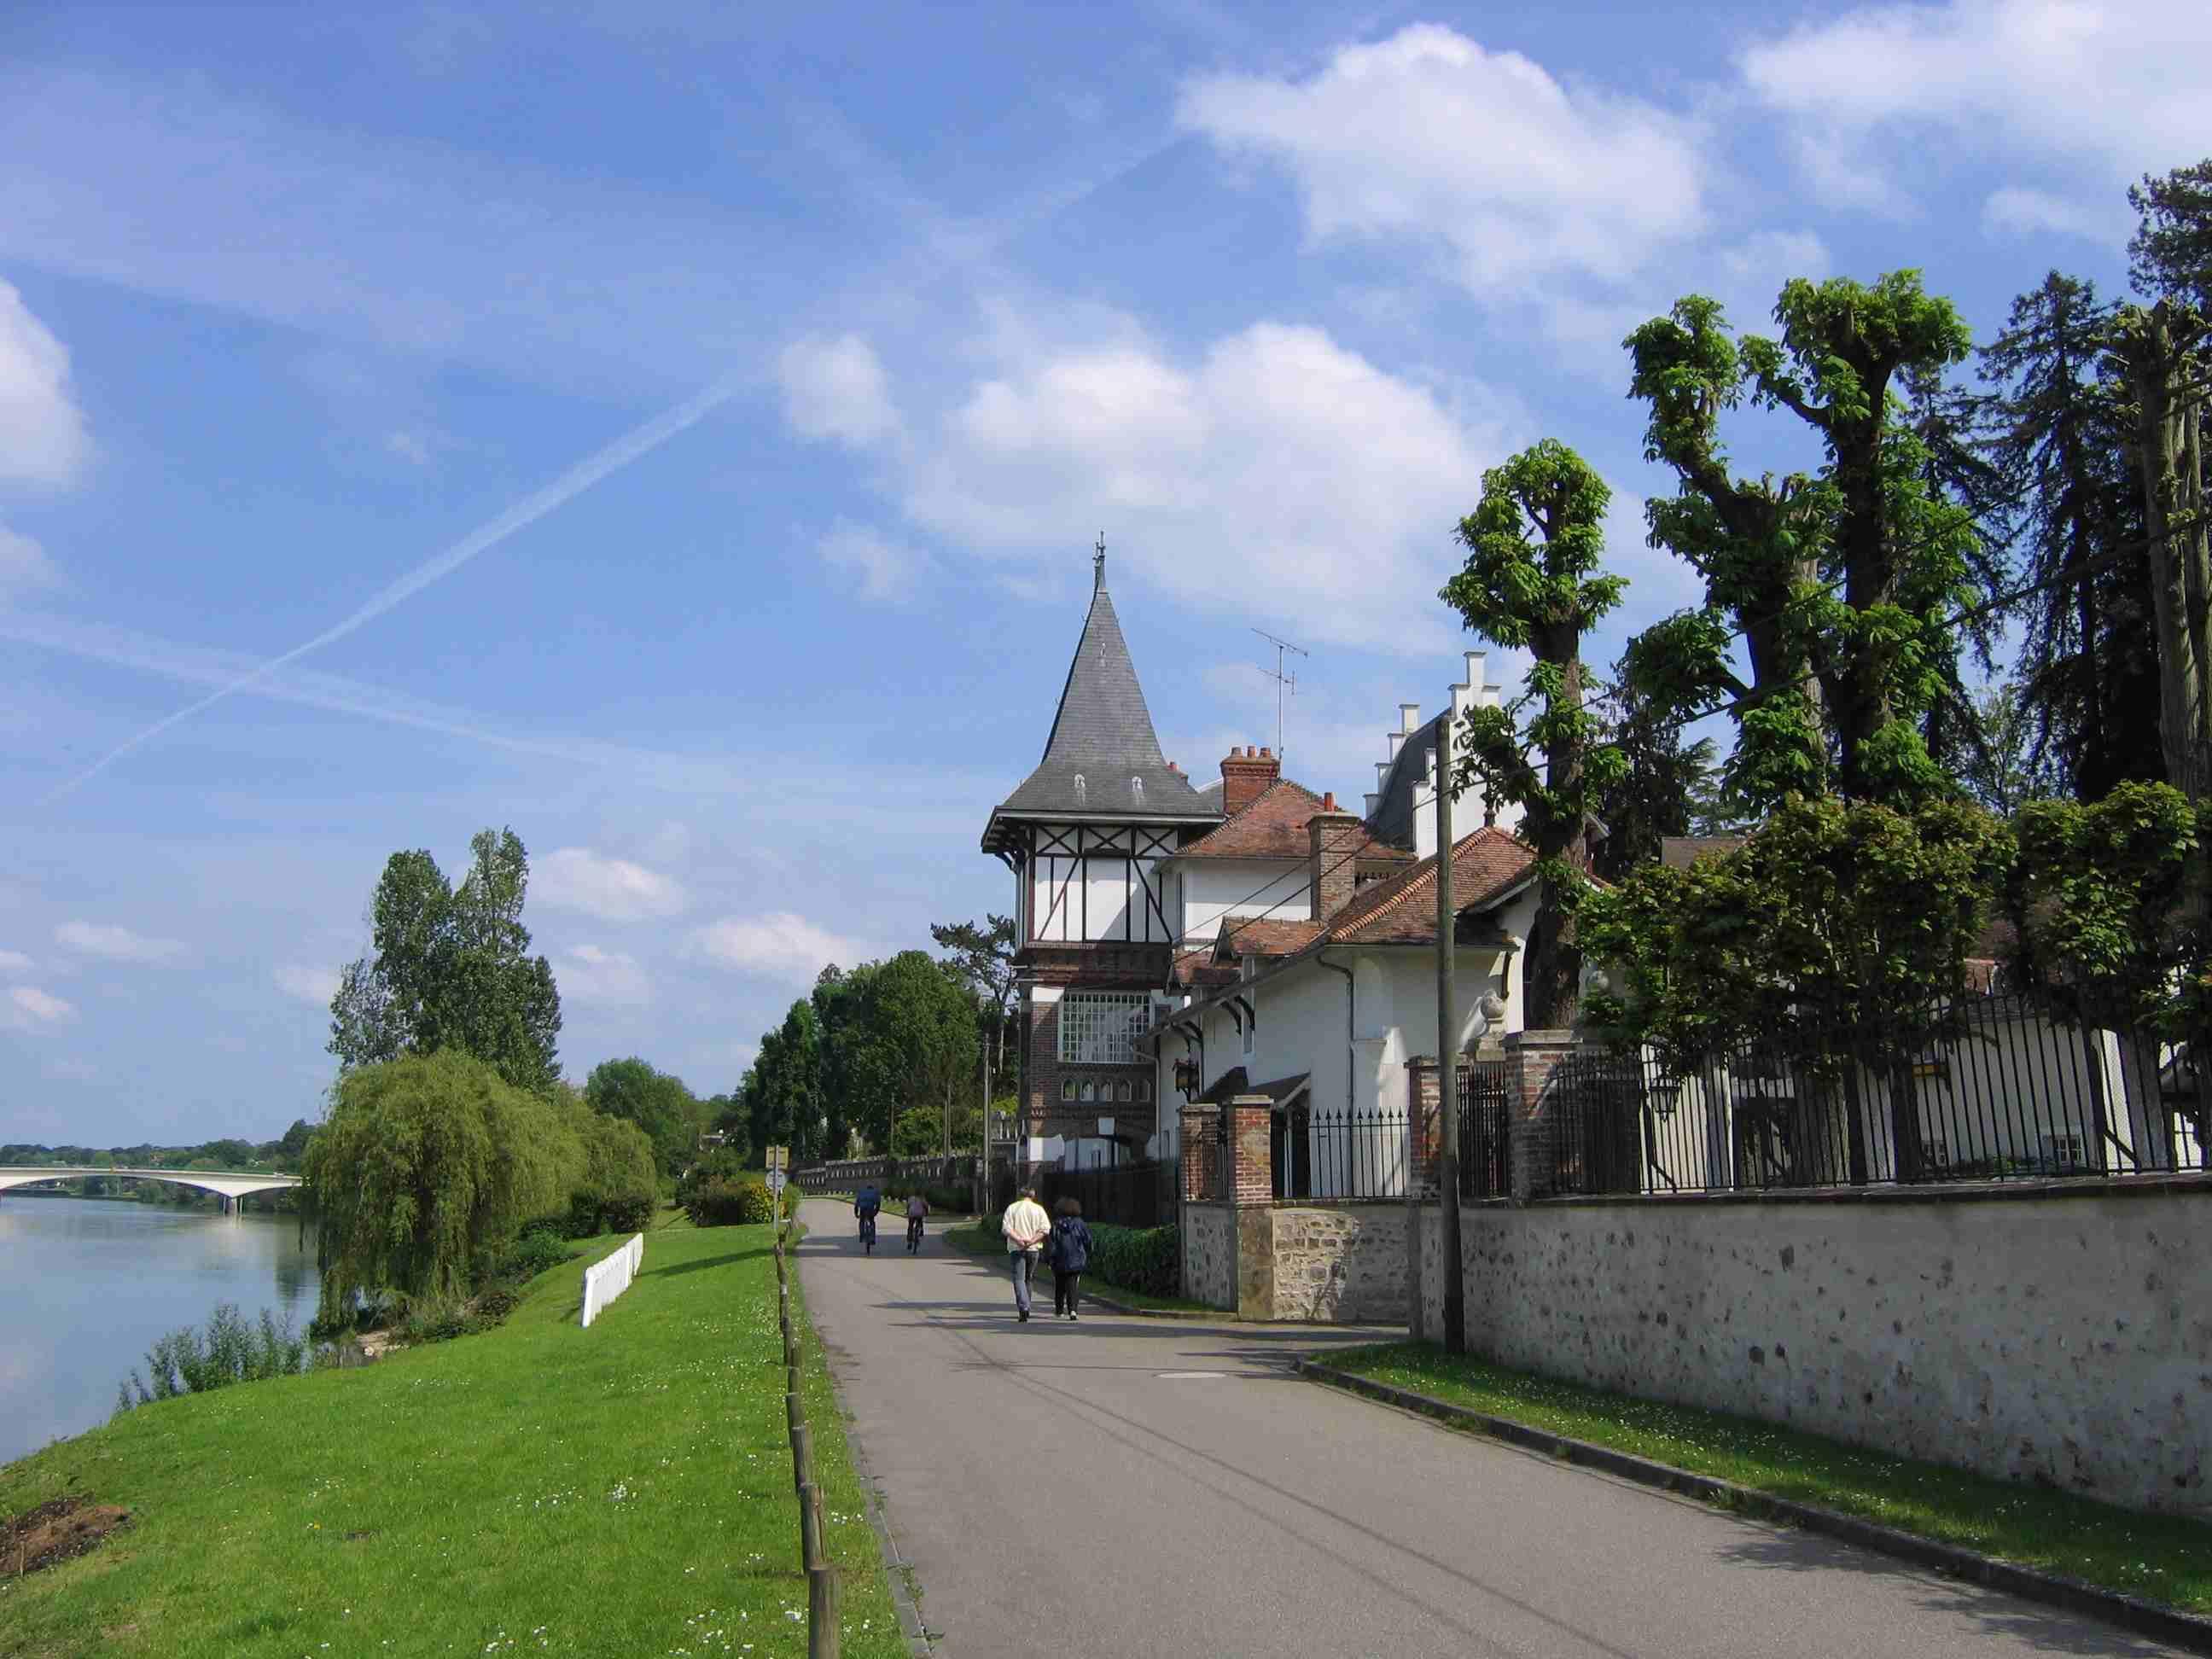 Photos Bois le Roi , Seine et Marne Bord de Seine , 22494 Communes com # Triathlon Bois Le Roi